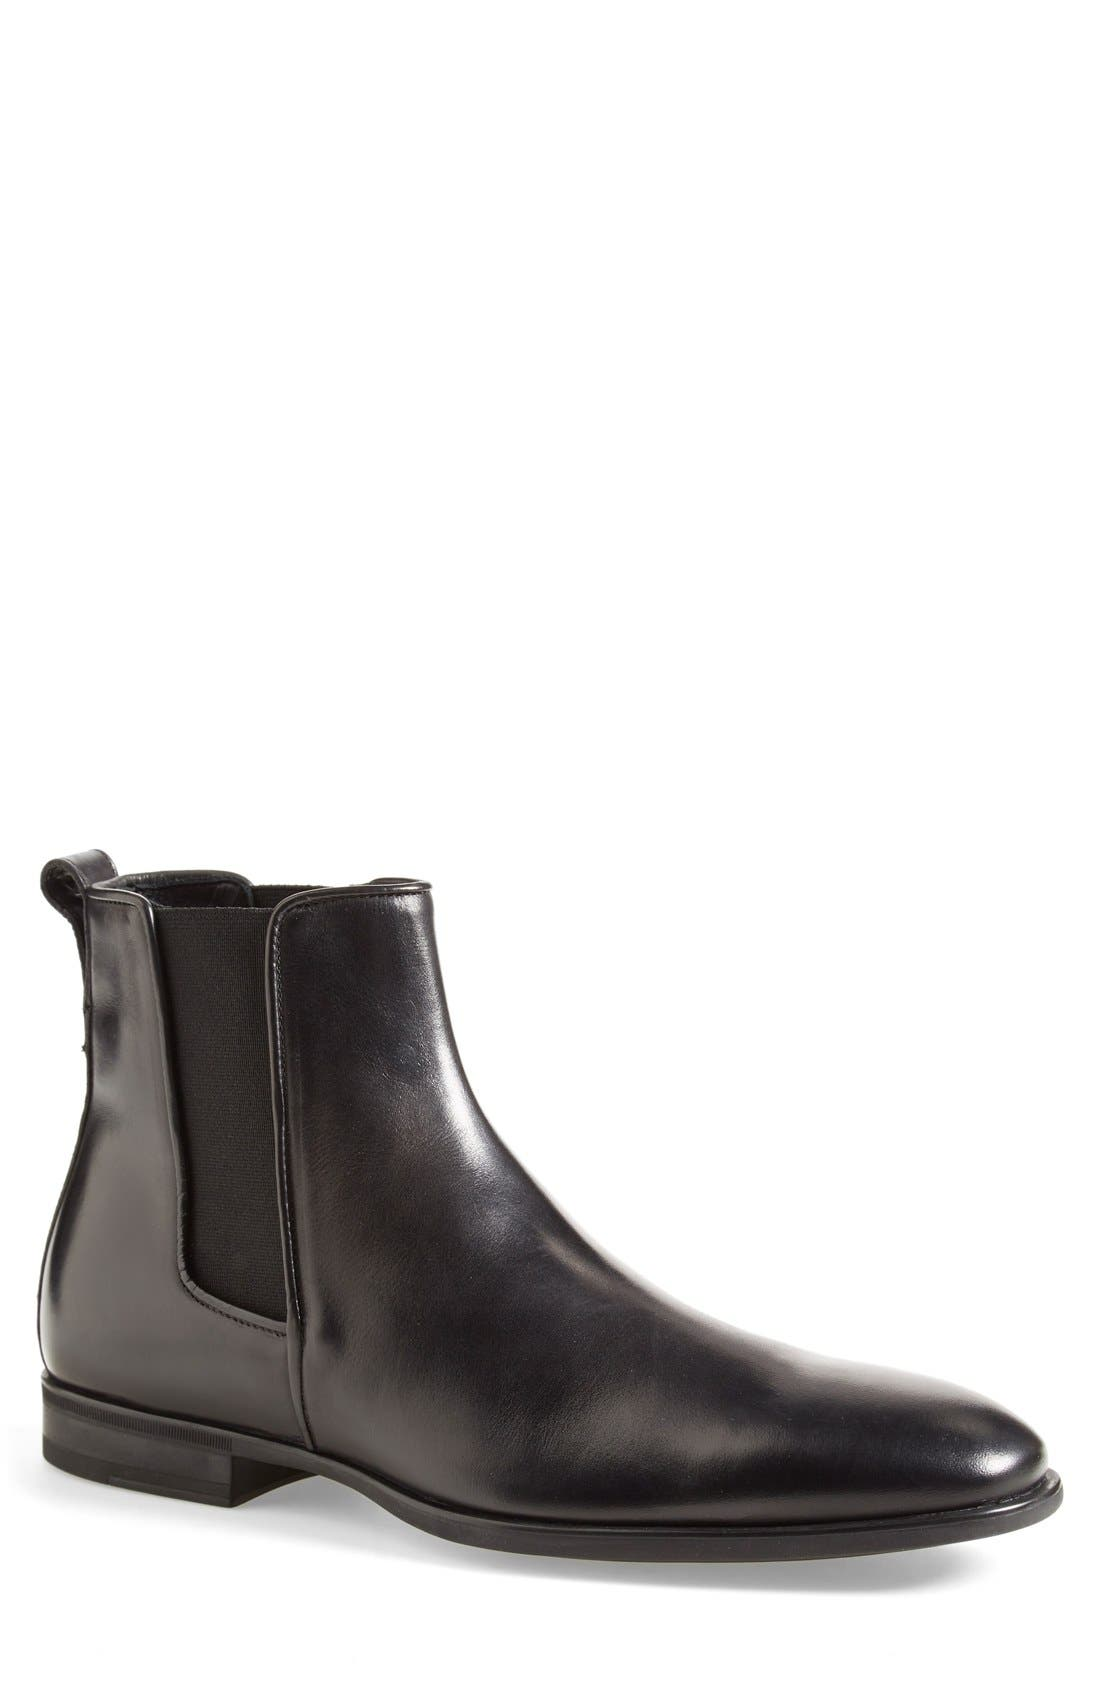 Aquatalia'Adrian' Weatherproof Chelsea Boot (Men)